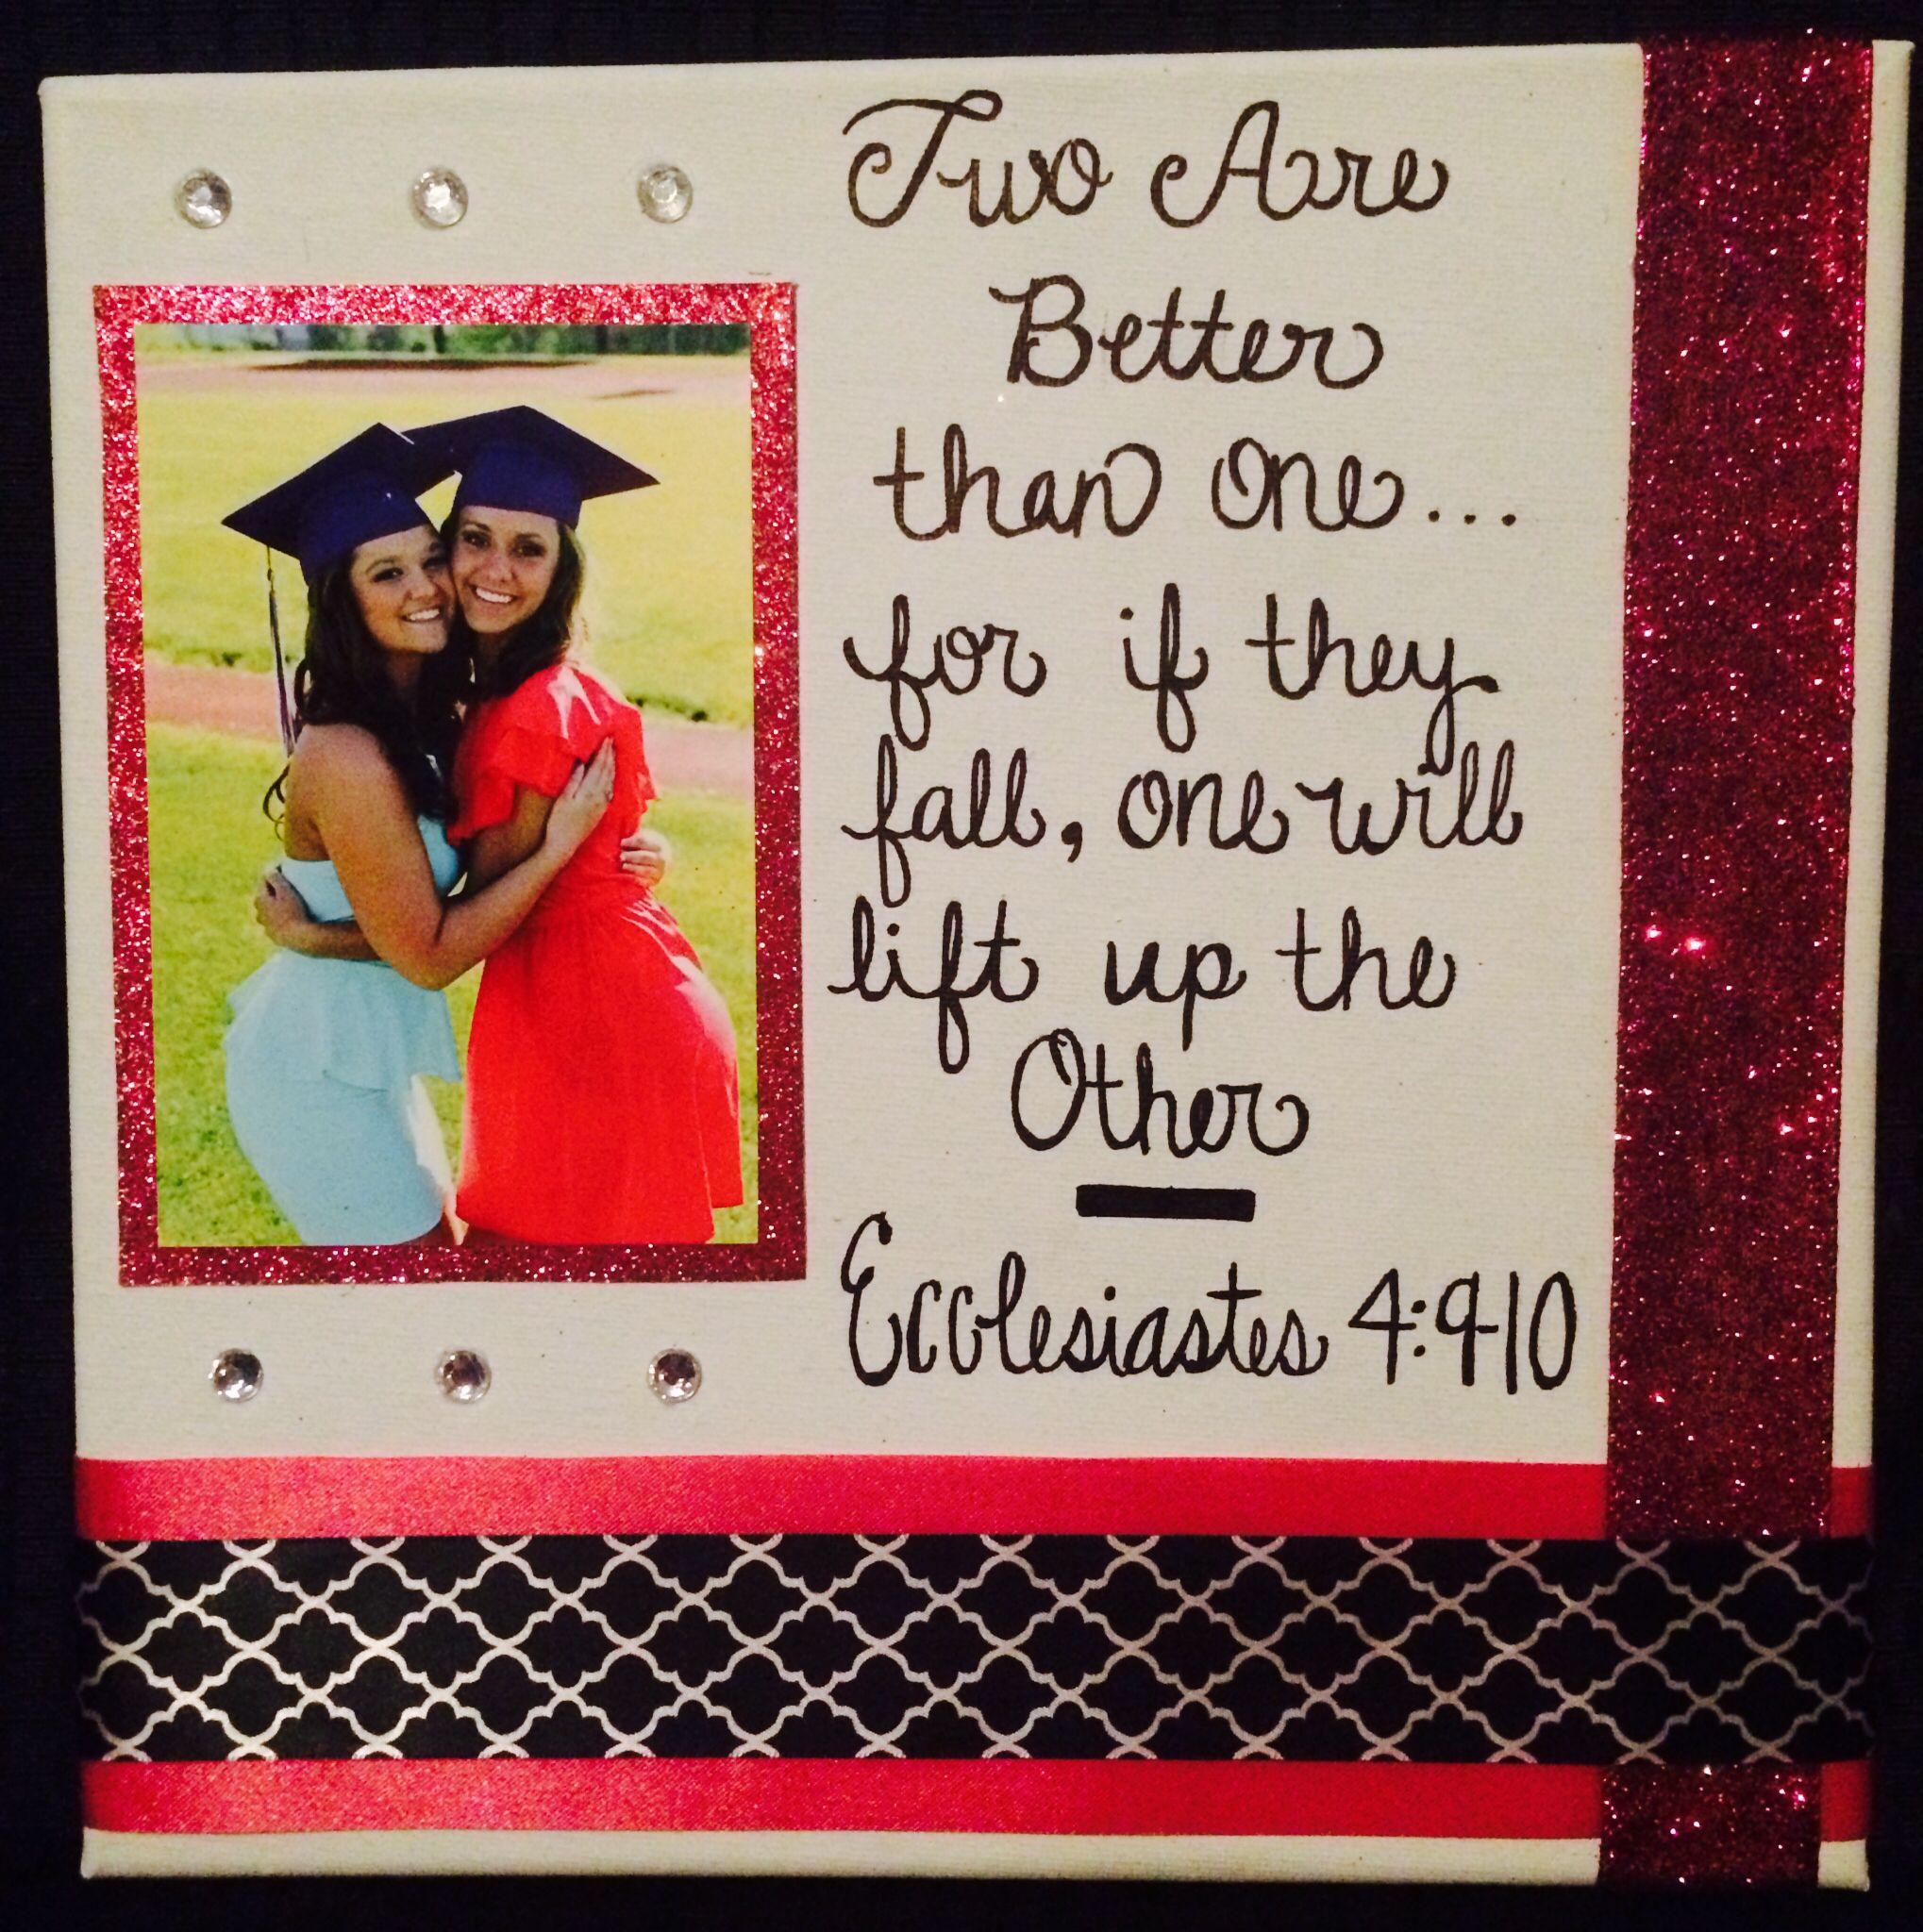 Bestfriend College Go Away Gift Birthday Diy Gifts Bestfriend Diy Birthday Gifts Graduation Gifts